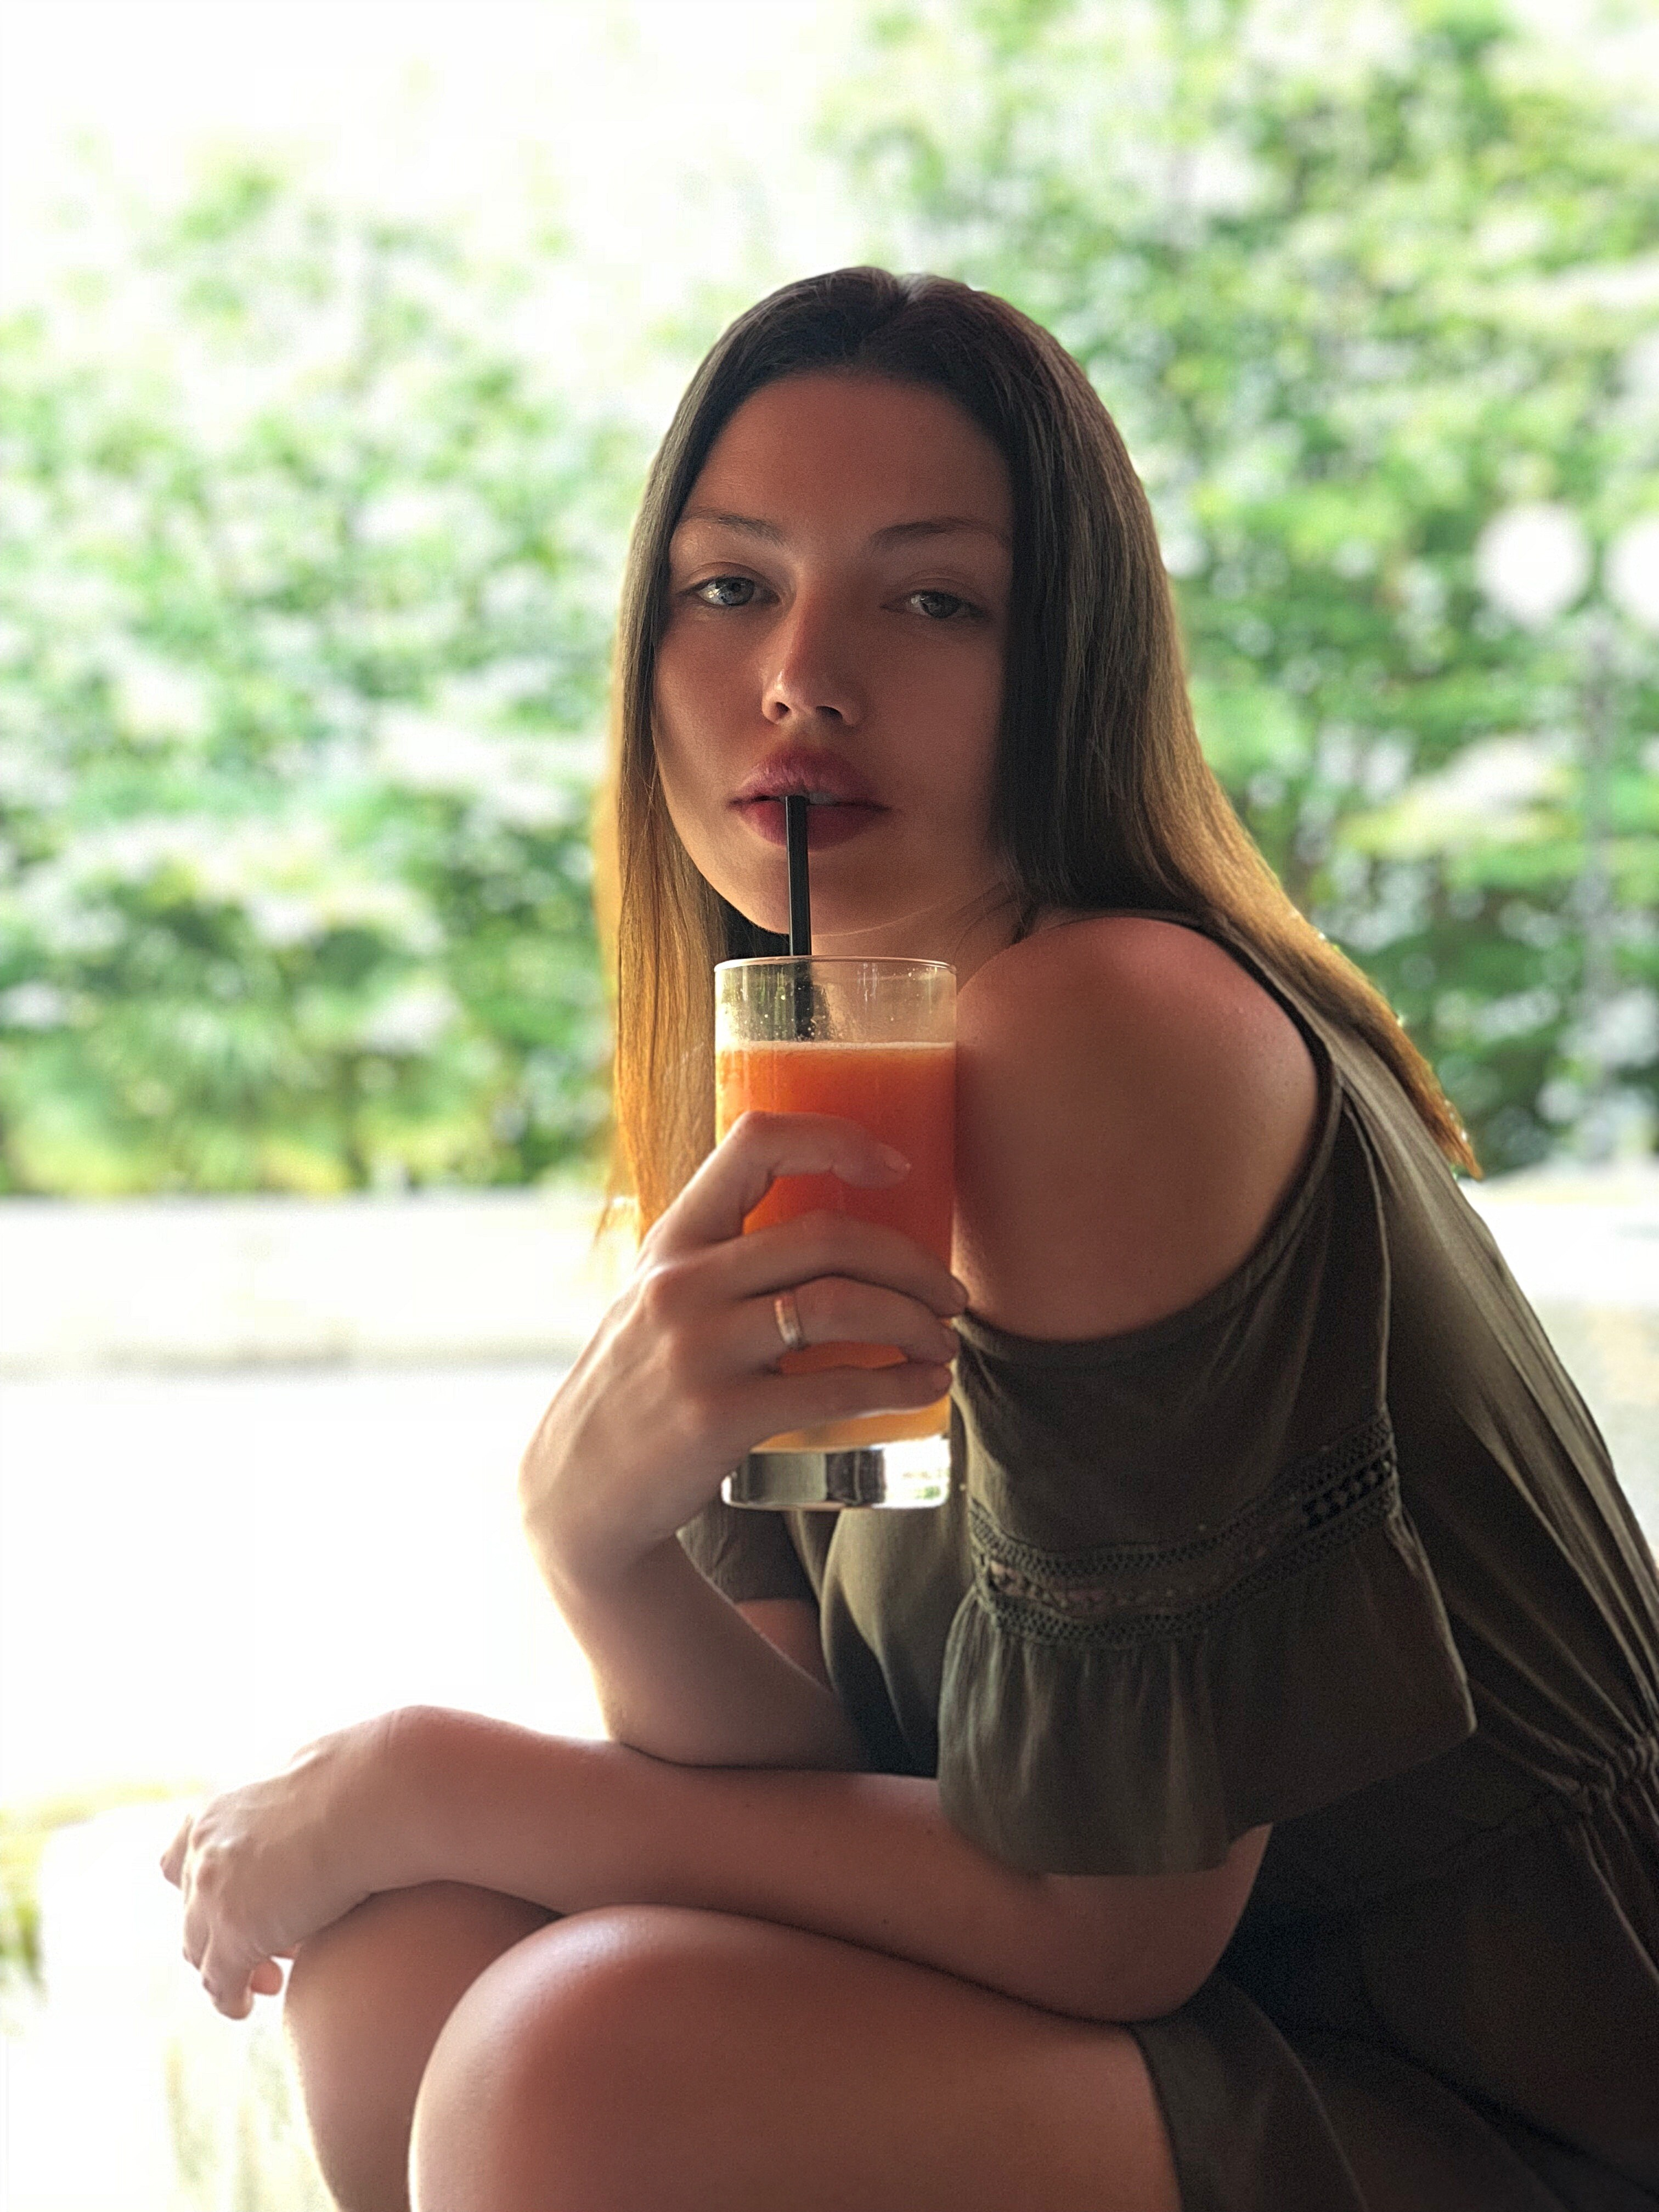 Топ-5 пластических операций, которые чаще всего делают русские женщины